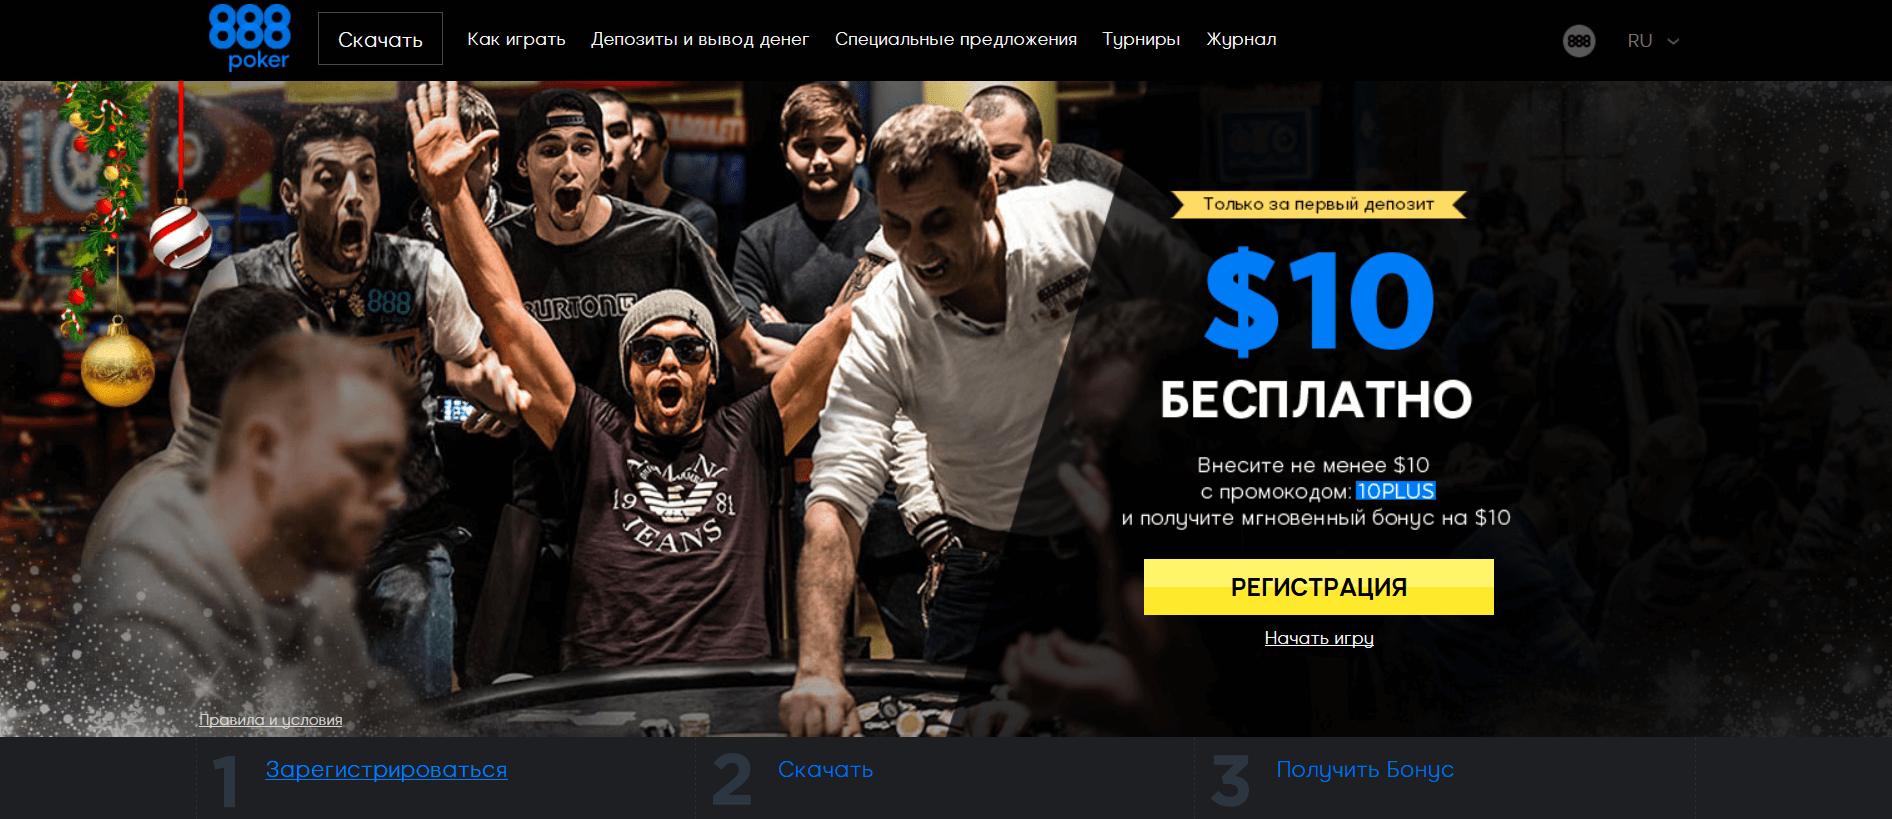 Официальный сайт 888 poker